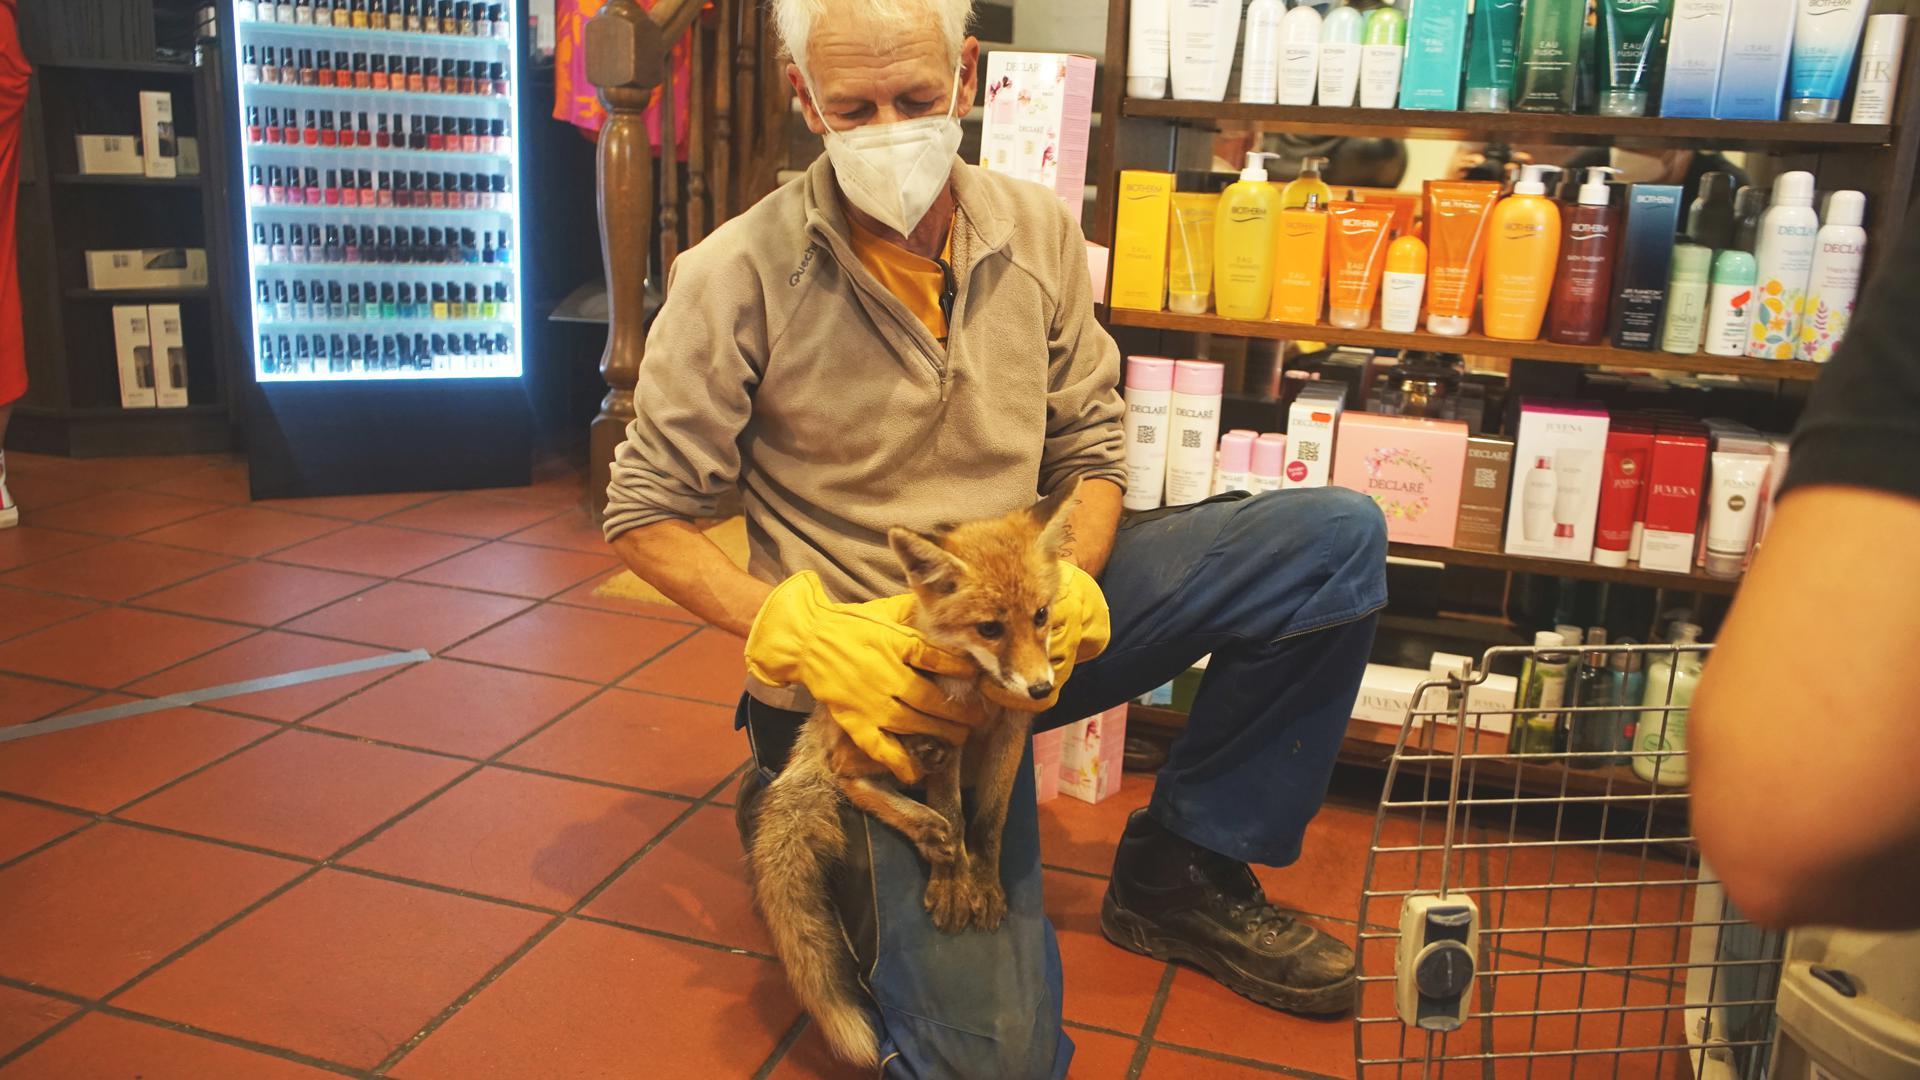 Ein Mann hat einen Fuchs auf dem Oberschenkel sitzen.